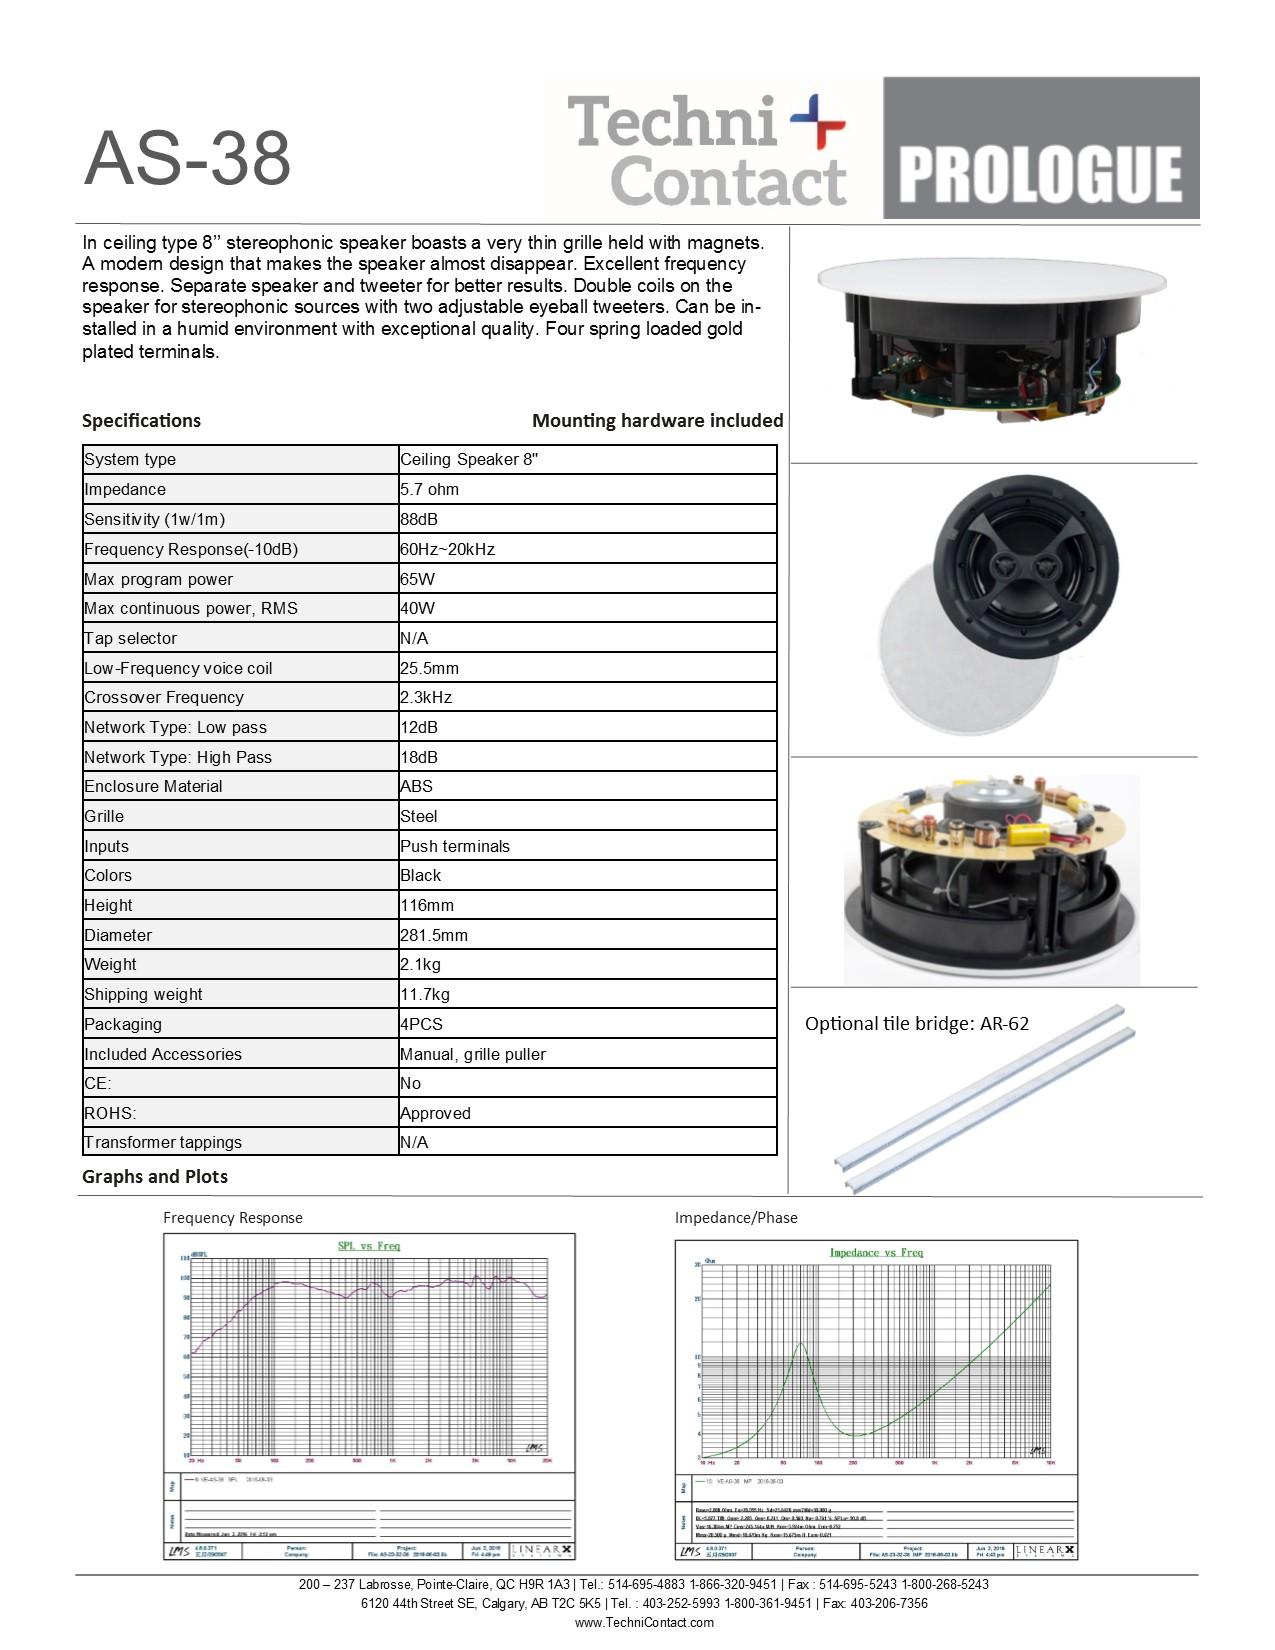 Prologue_AS-38_SPECS.jpg